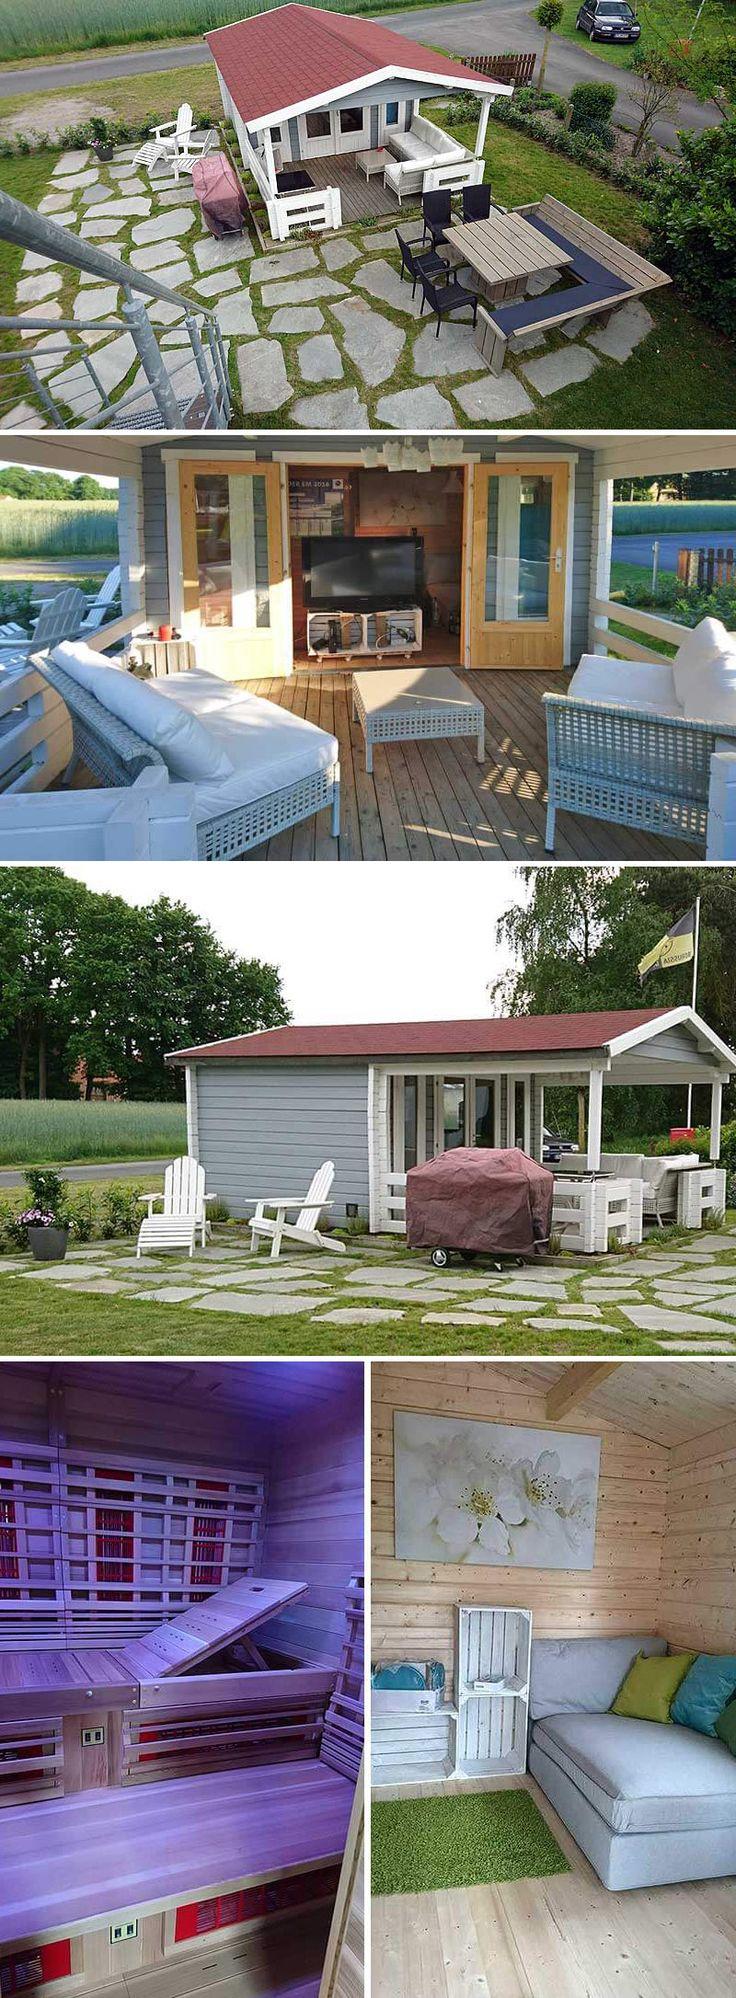 Infrarotkabinen sind eine sanfte Alternative für alle, die sich für die heißeren Saunen mit Holz- oder Elektro-Ofen nicht begeistern können. Ein komplettes Infrarot-Saunahaus gibt es allerdings nicht, also hat Familie Johannsen ihre Infrarot-Sauna in das Gartenhaus Lappland-70 B ISO eingebaut: Ruhebereich, TV-Terrasse und Außengrill inklusive. In unserem Magazin stellen wir das schöne Projekt vor.